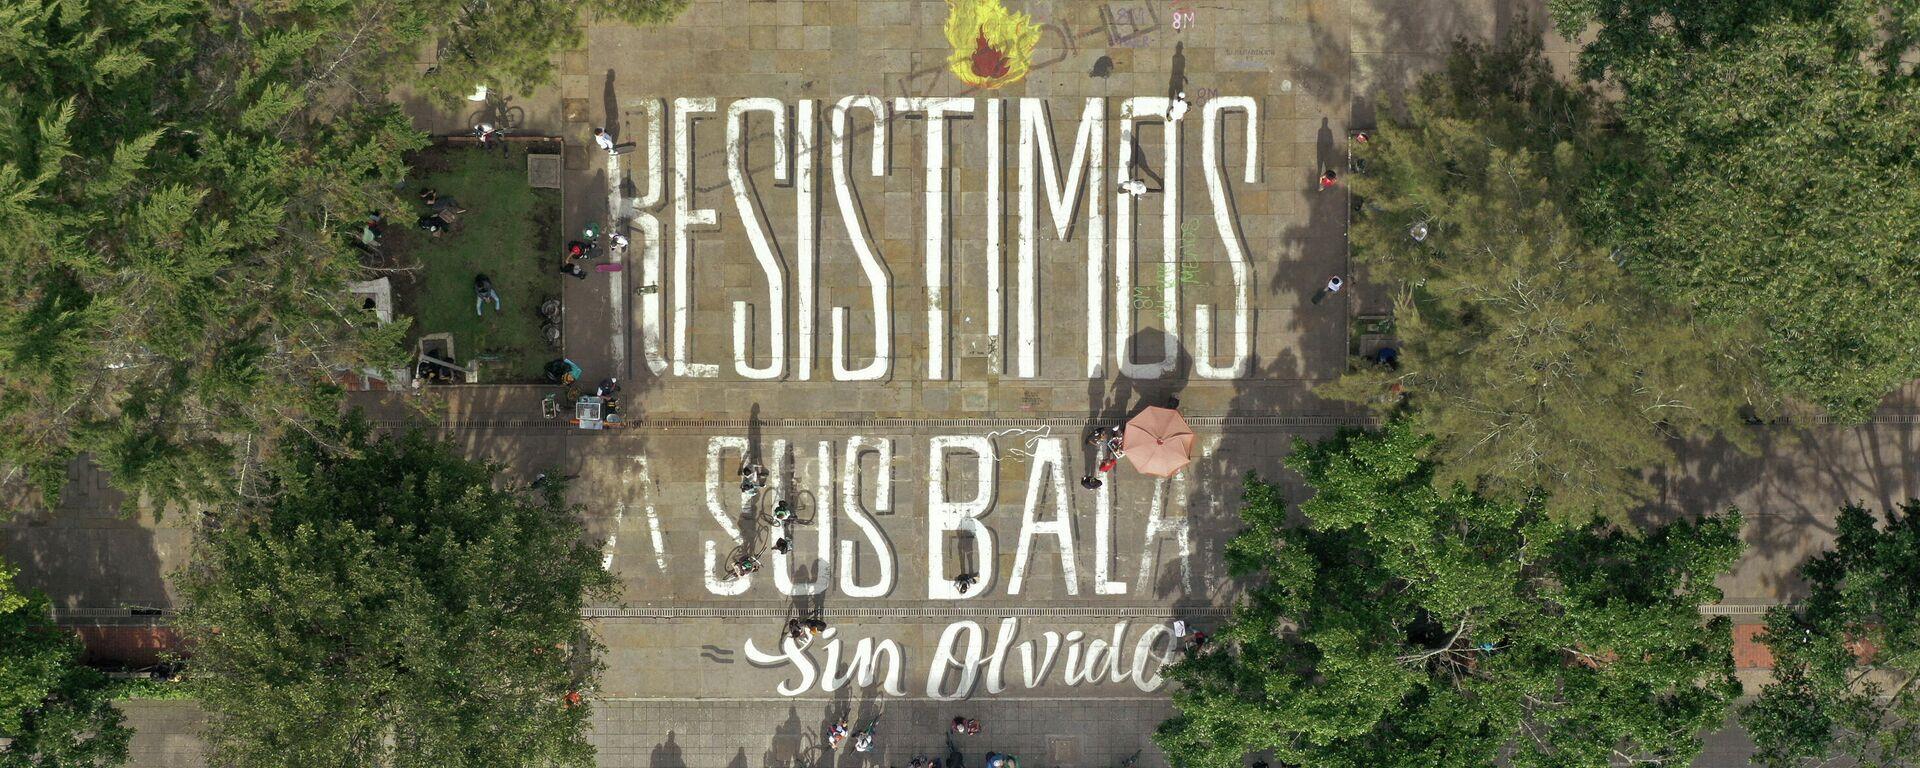 """Vista aérea de personas bloqueando una calle junto a un mensaje que dice """"Resistimos a sus balas sin olvido"""" - Sputnik Mundo, 1920, 10.05.2021"""